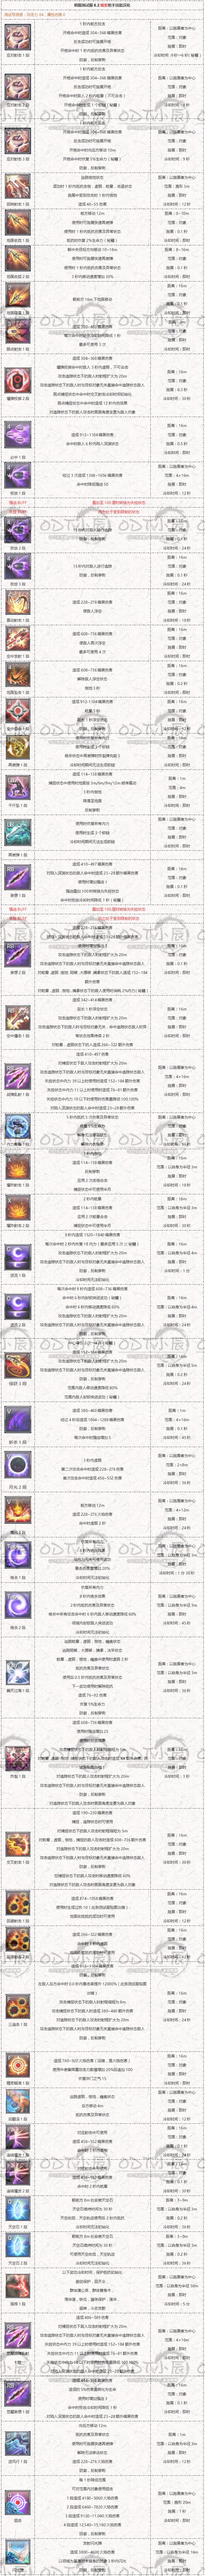 韩测6.2暗系枪手技能汉化00.png